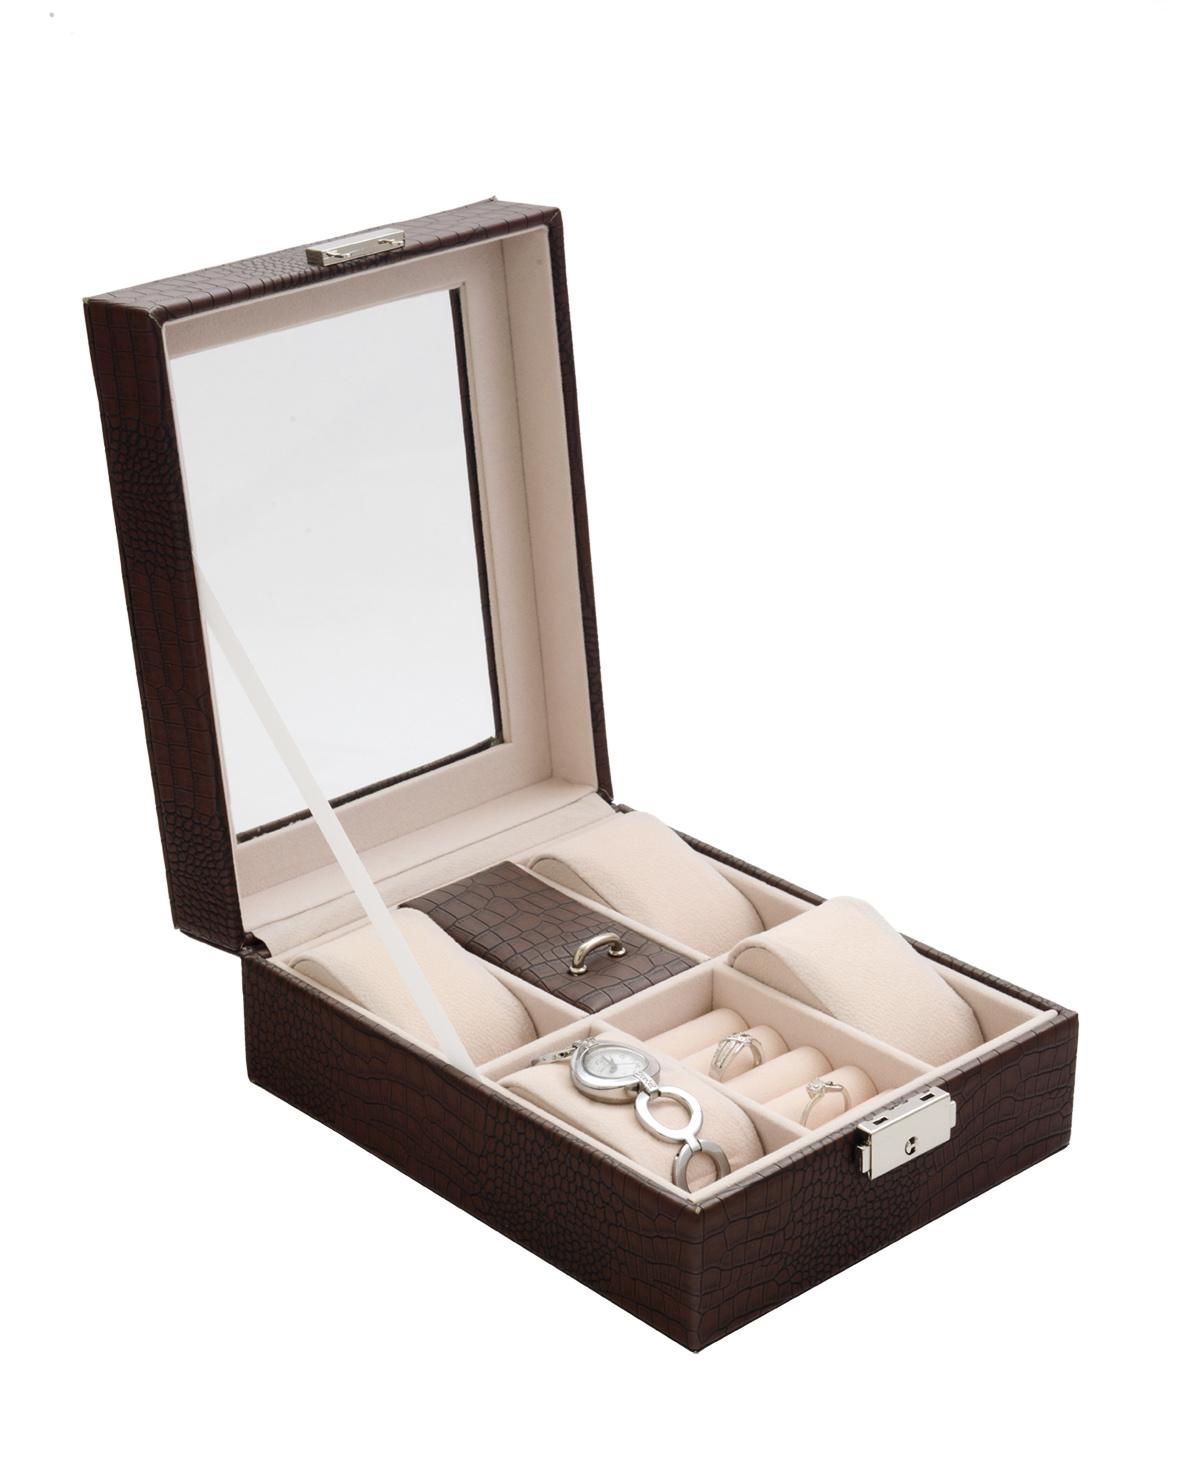 Šperkovnice JKBox SP-1810/A21